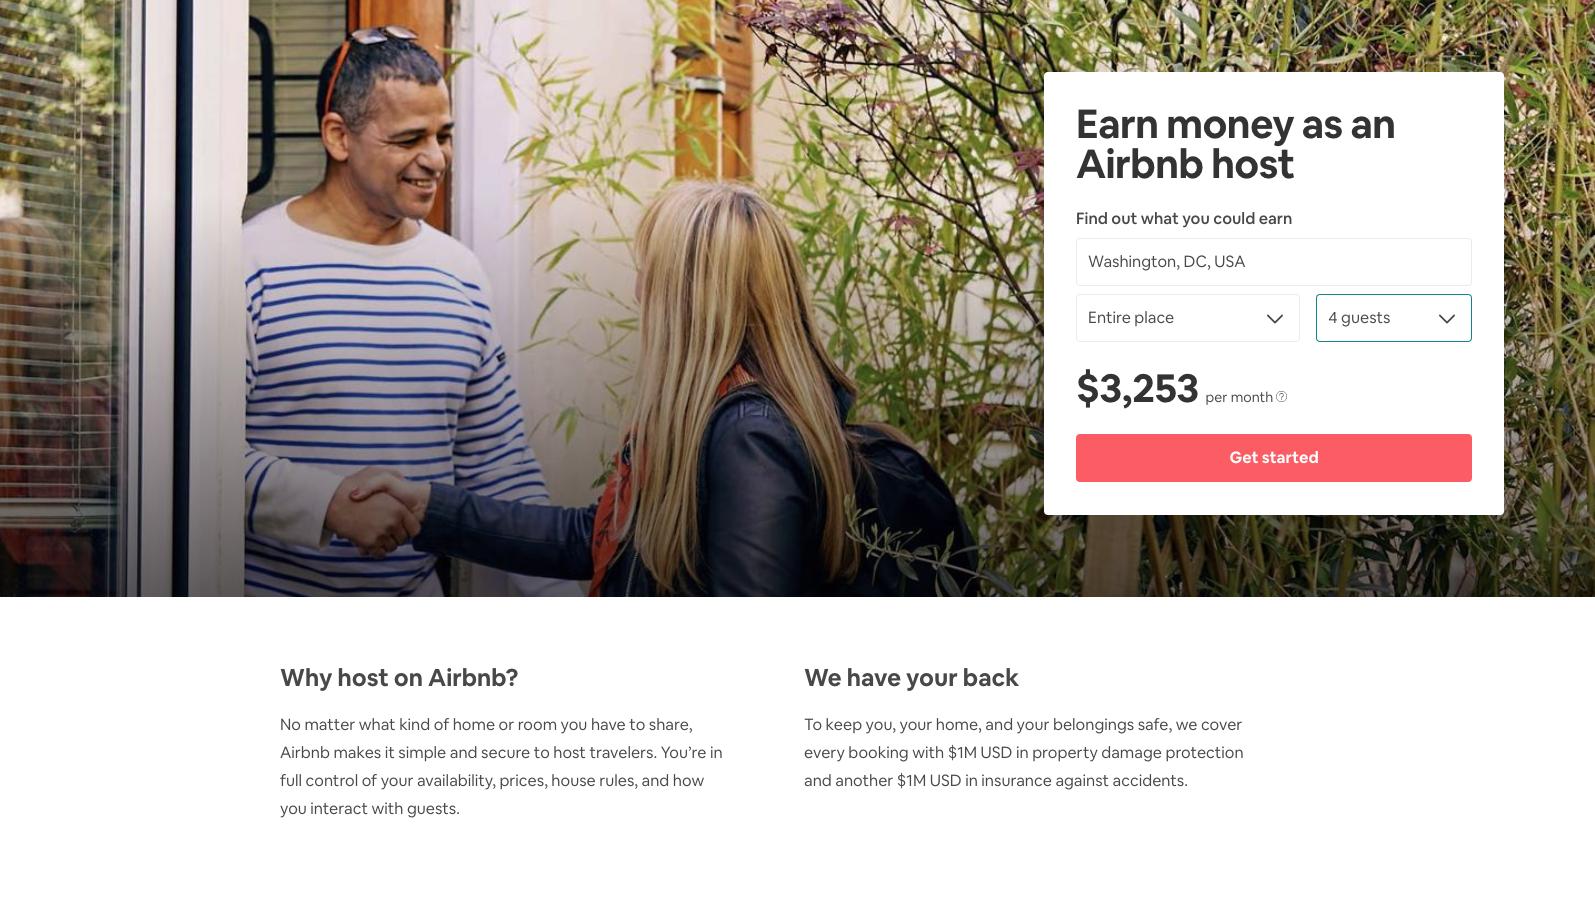 Cómo ser un anfitrión de Airbnb: página web de Airbnb para anfitriones